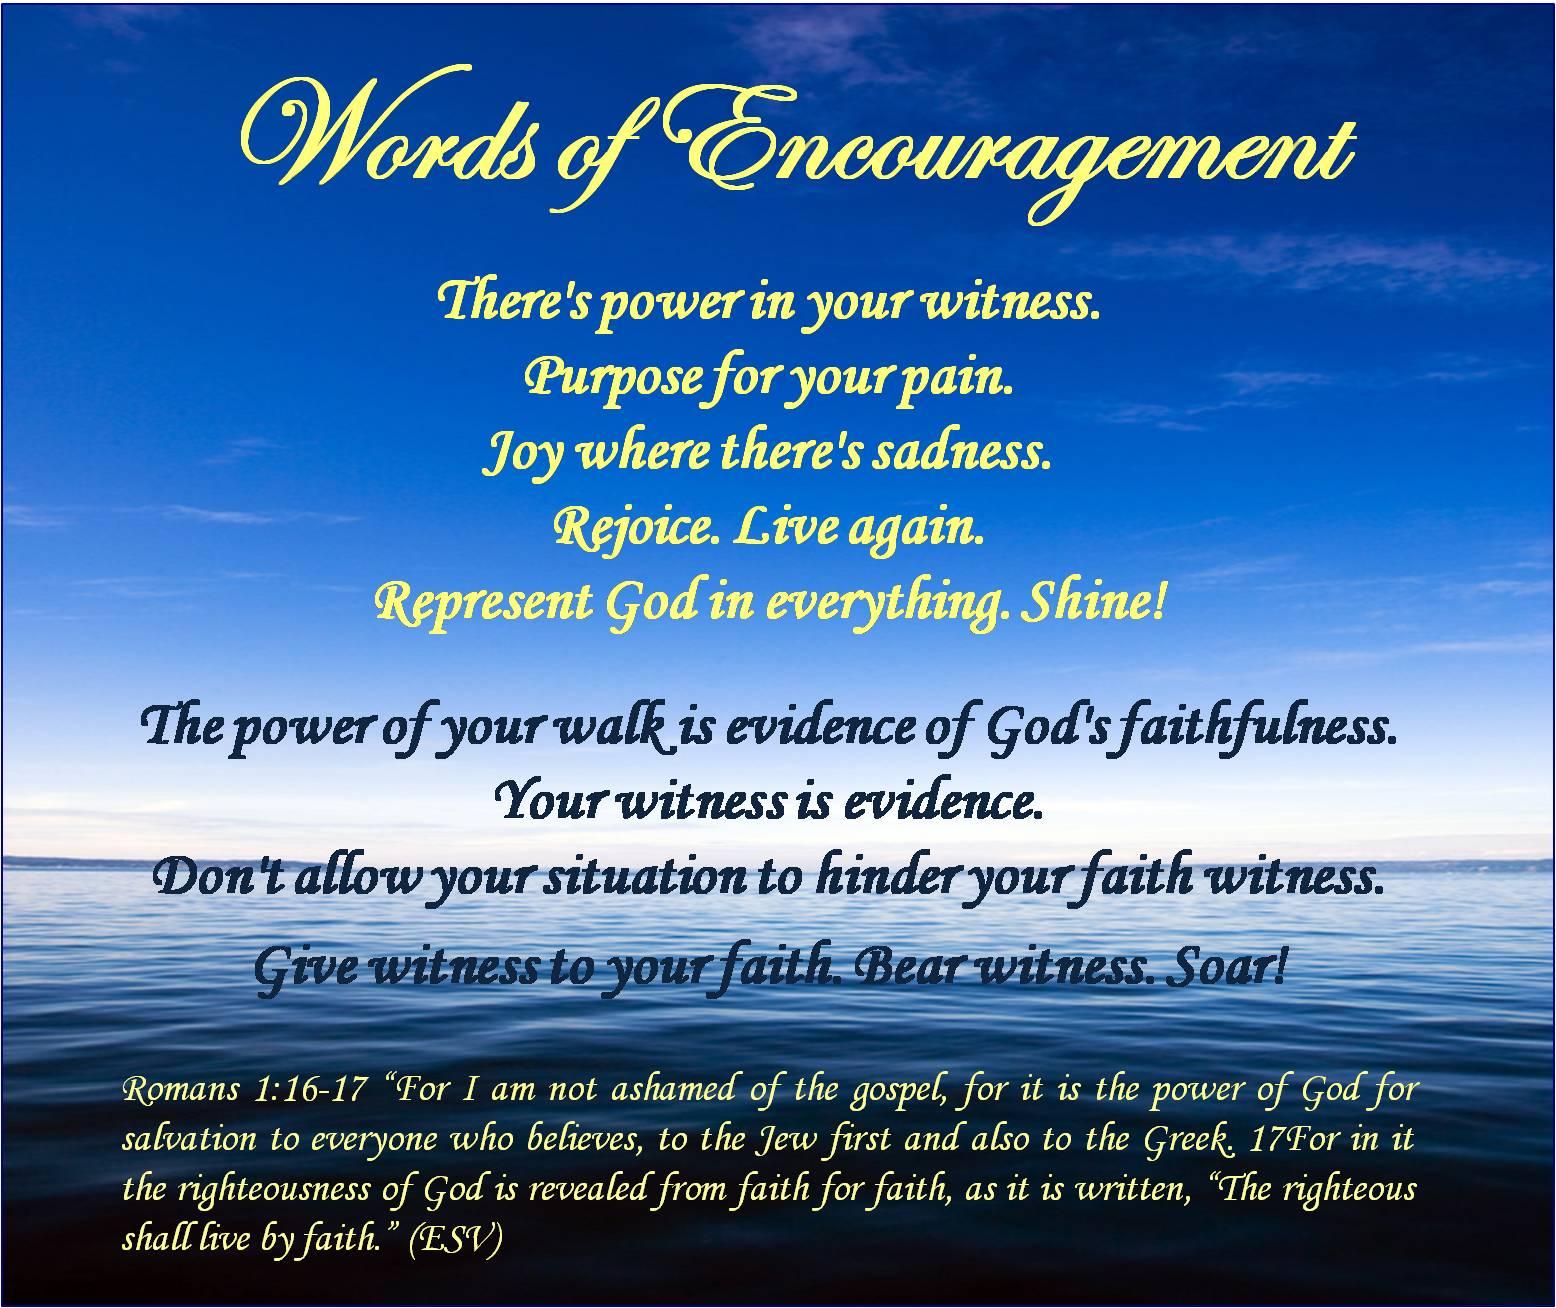 words-of-encouragement2.jpg